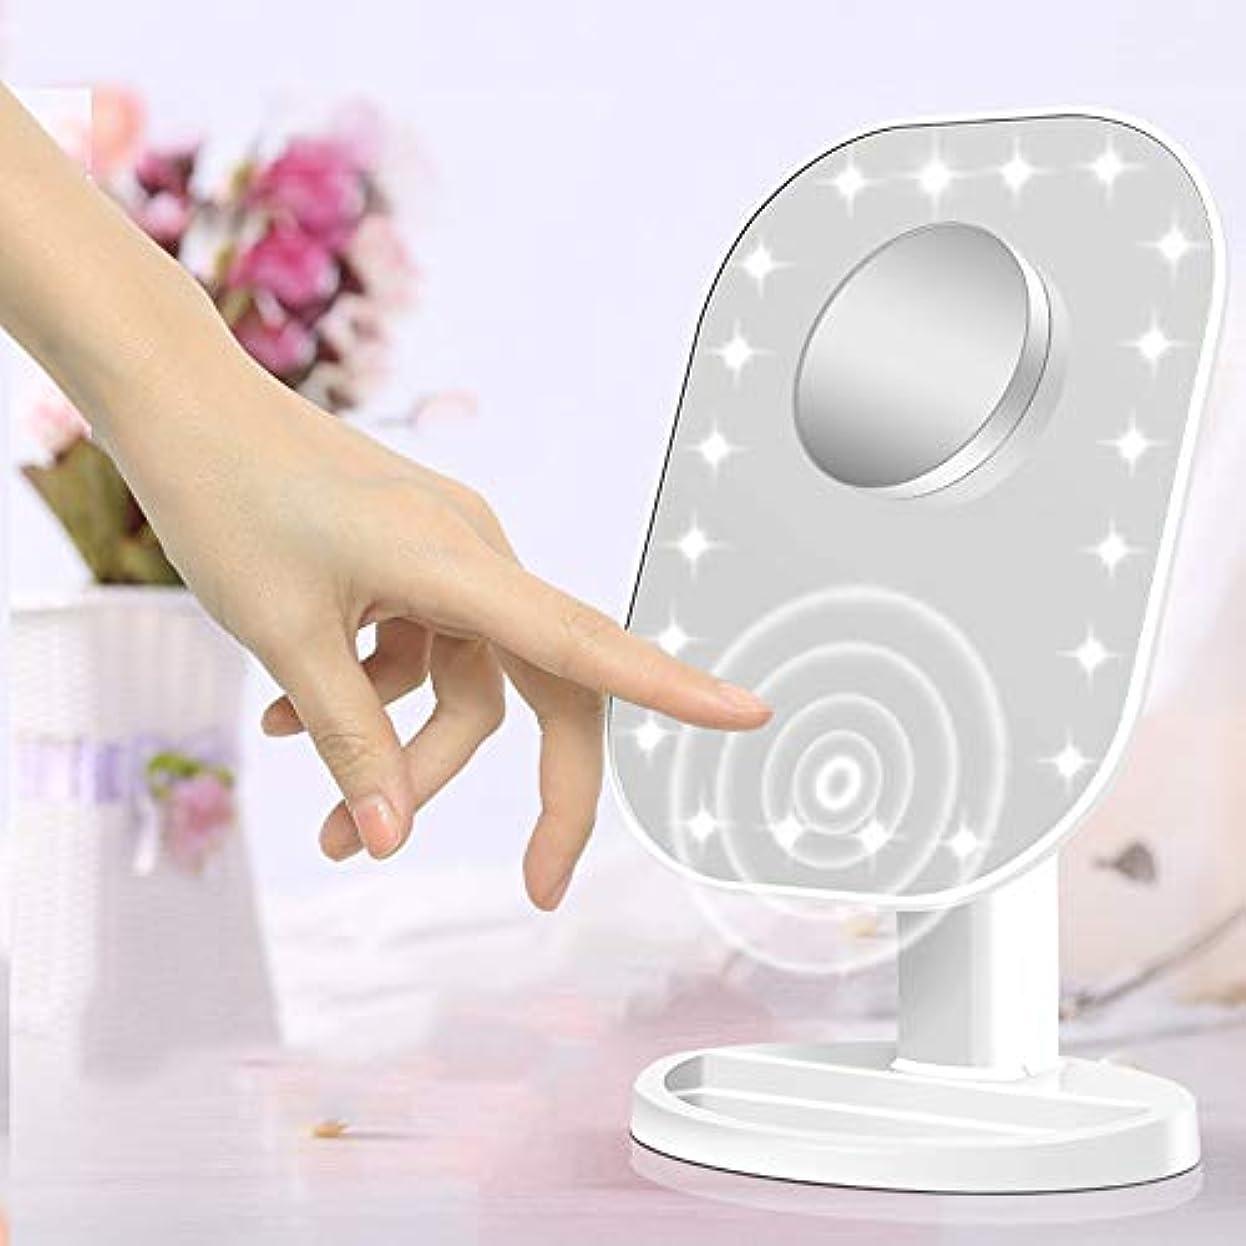 求める天窓着飾る流行の 新しいデスクトップクリエイティブタッチセンサーled化粧鏡10倍拡大美容化粧鏡フィルライト化粧鏡ピンクホワイト (色 : Pink)